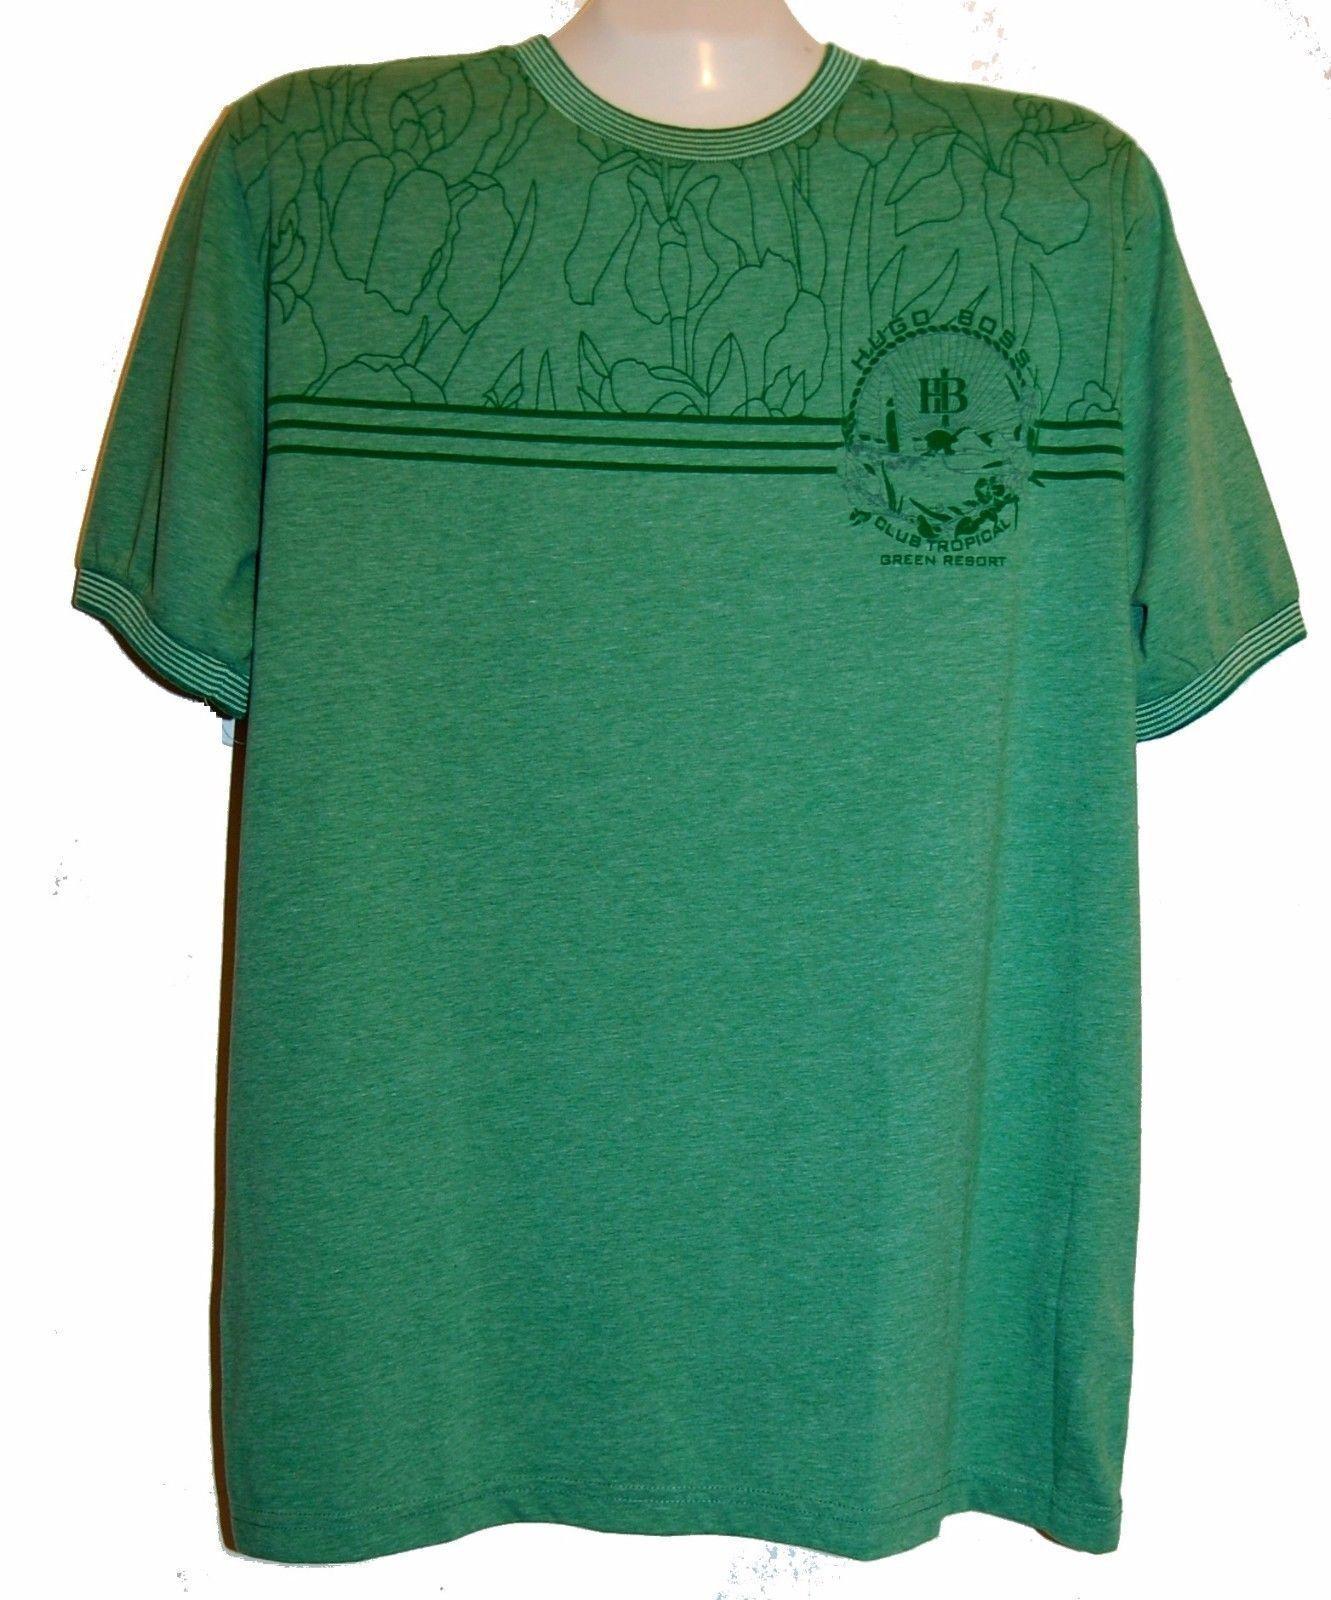 Hugo Boss Grün Graphic Design Cotton  Herren T- Shirt Sz 3XL NEW Grün Label Shirt